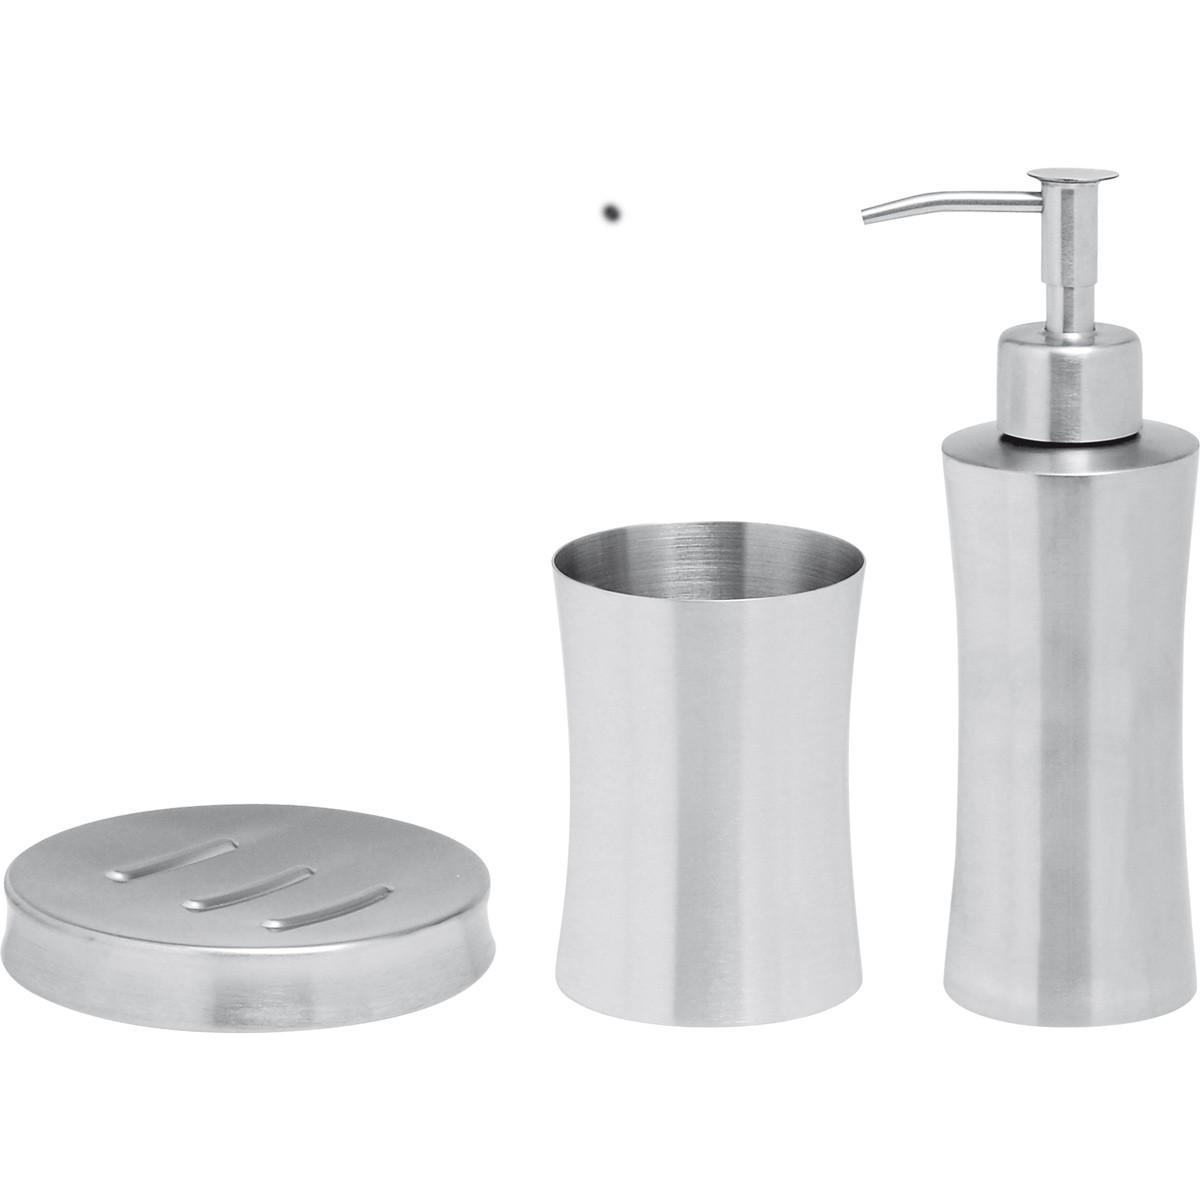 Αξεσουάρ Μπάνιου (Σετ 3τμχ) Home Design PI2512/S